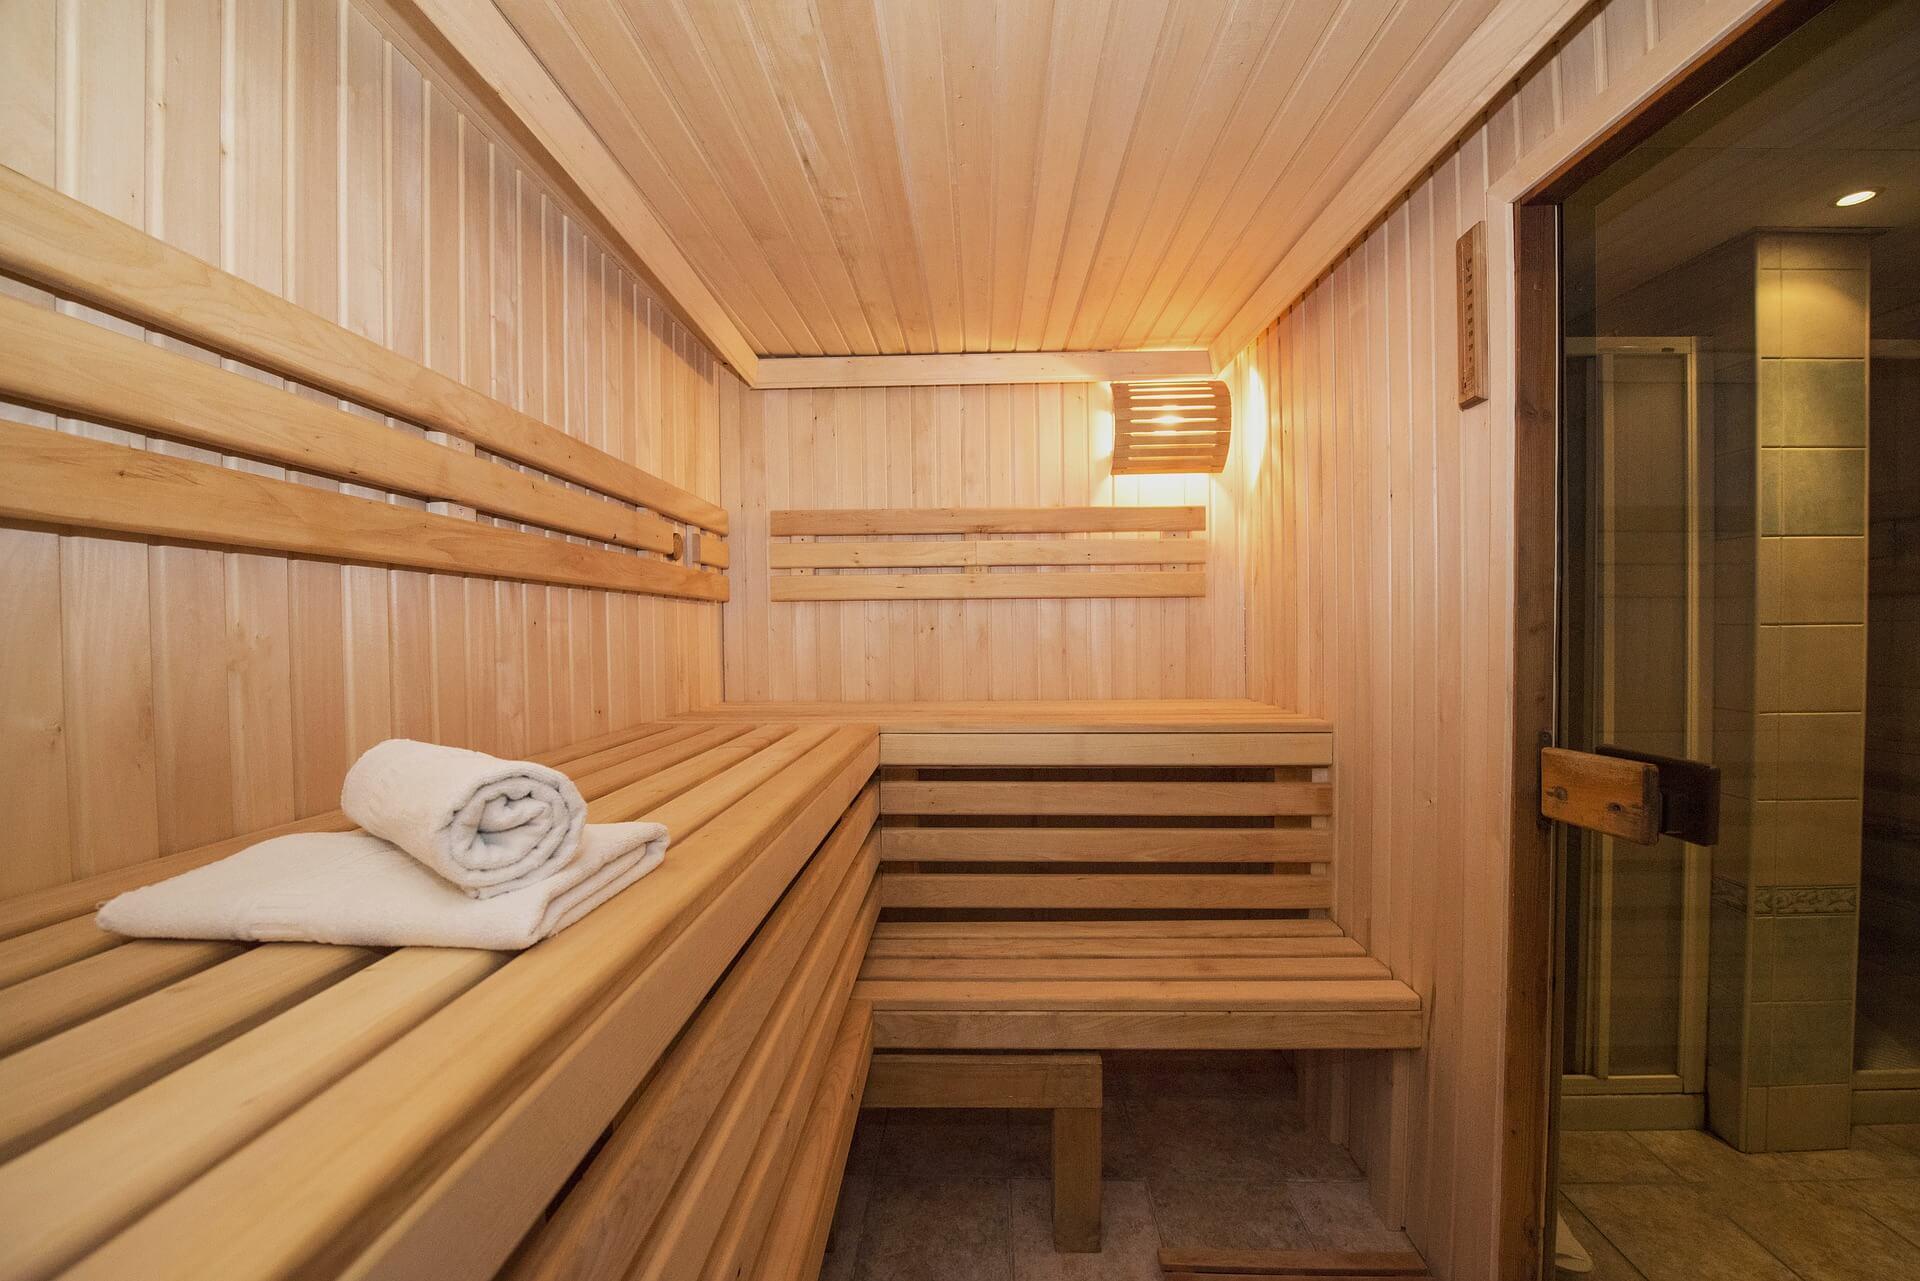 Sauna Inbouwen Badkamer : Een sauna inbouwen in de badkamer in klussen